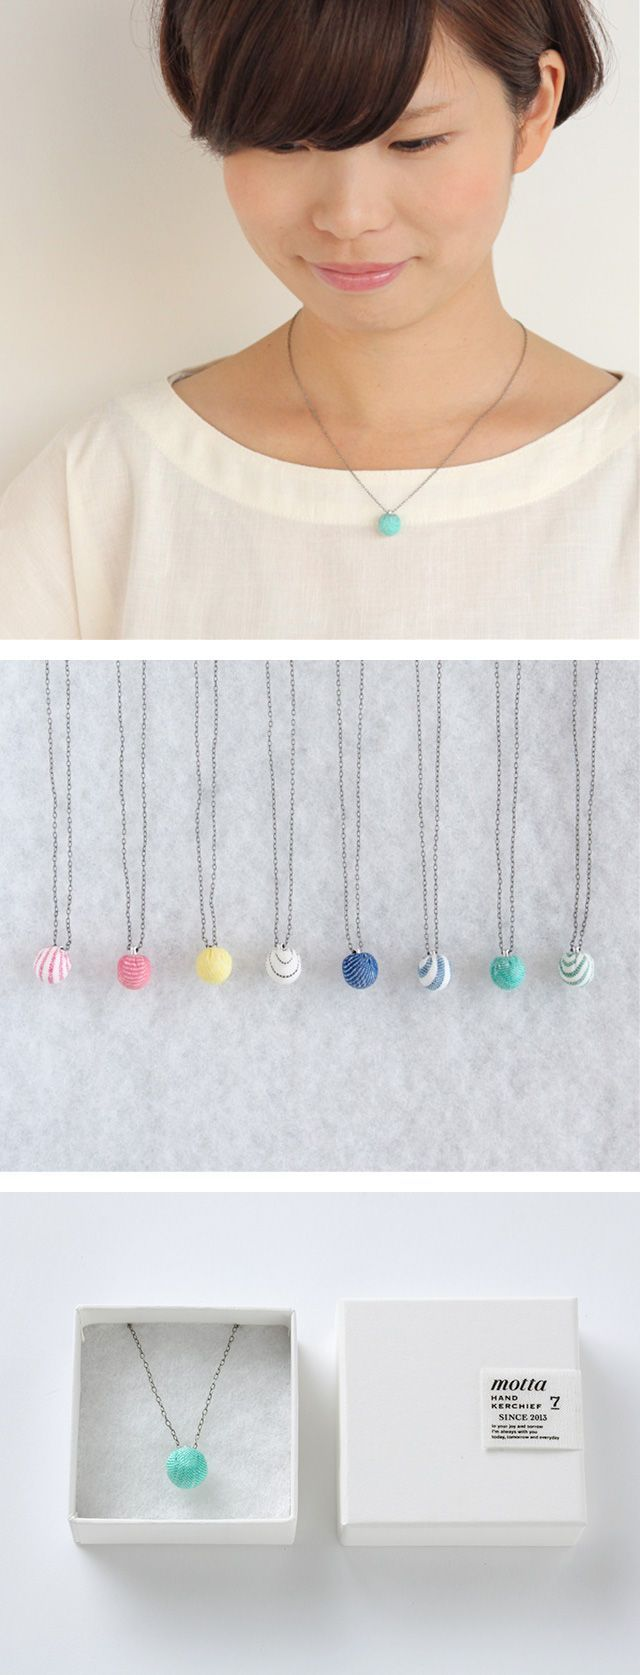 【mottaはぎれで作ったネックレス(中川政七商店)】/2014年3月でデビューから1周年を迎えたmottaは、この1年でたくさんのハンカチを作ってきました。 ハンカチの製造過程でどうしても出てしまう生地端のはぎれを使い、1周年の記念として「はぎれで作ったアクセサリー」シリーズが登場です。 色とりどりの生地を、まんまるのクルミ釦チャームに加工したネックレス。 アンティークシルバーのチェーンに通しました。 シンプルな装いのポイントに。 春夏の贈りものにぴったりの、オリジナル箱入りです。  #motta #handkerchiefs #gifts #accessory #package